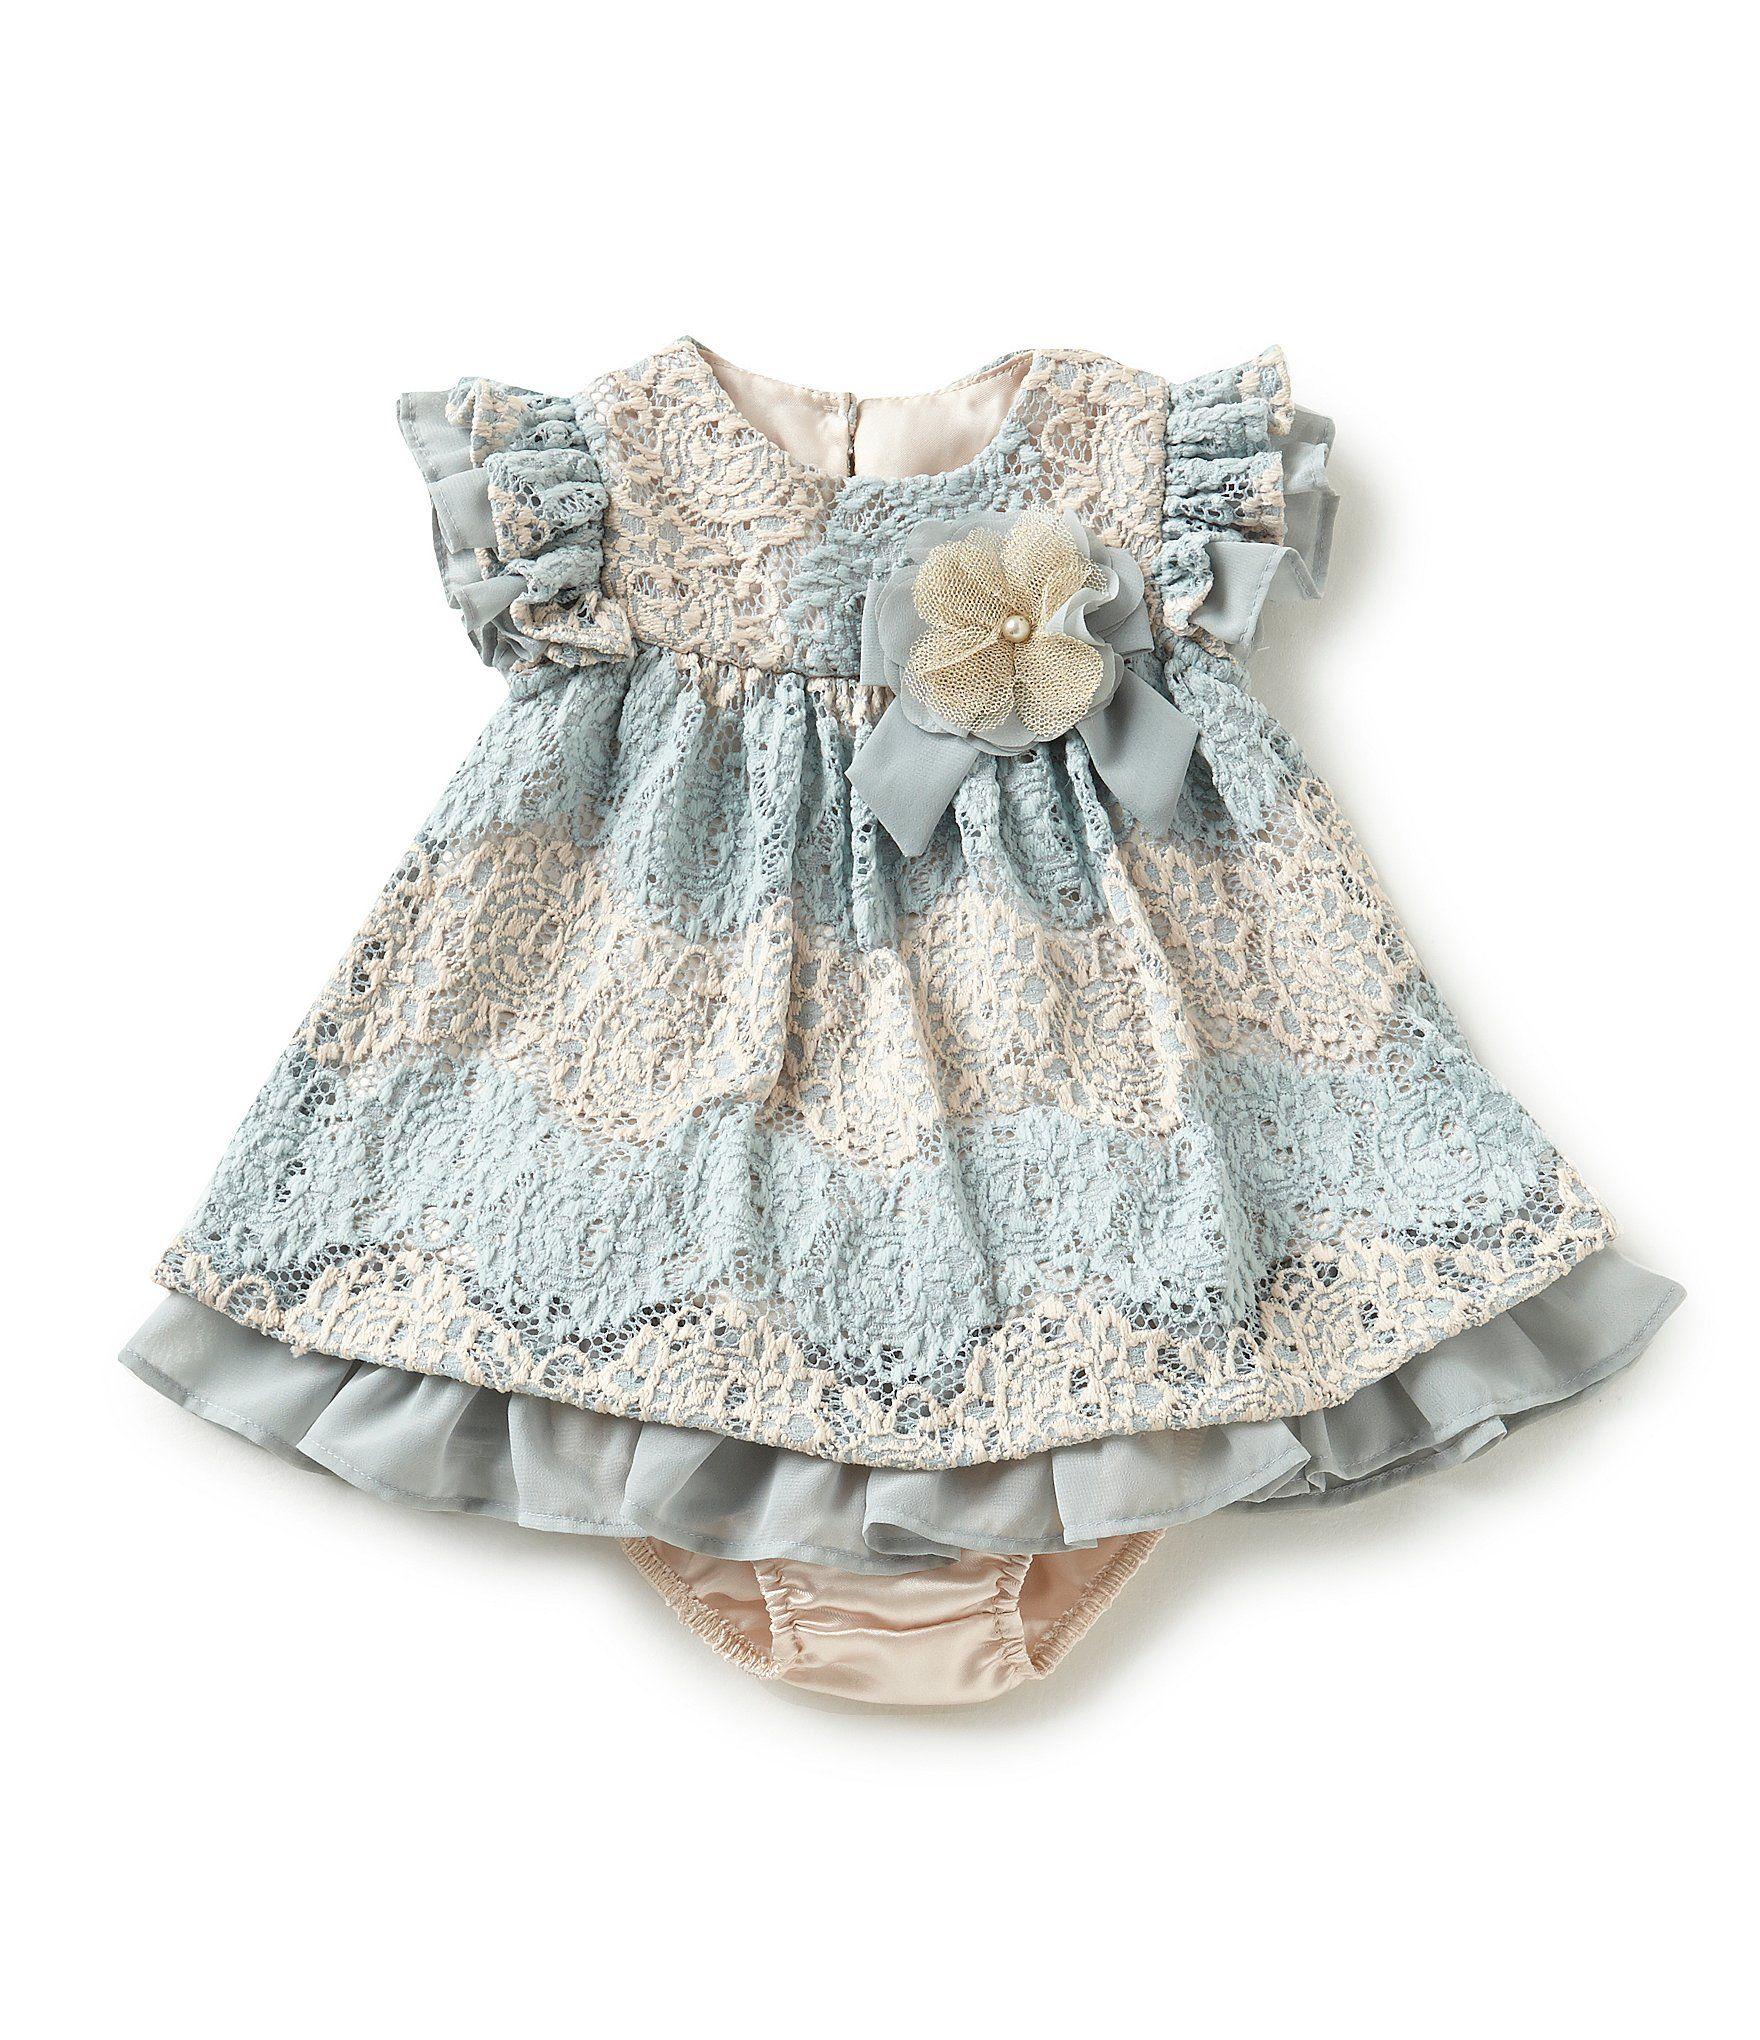 8b7dd89f0bd1 Shop for Bonnie Baby Baby Girls Newborn-24 Months Two-Tone-Lace ...